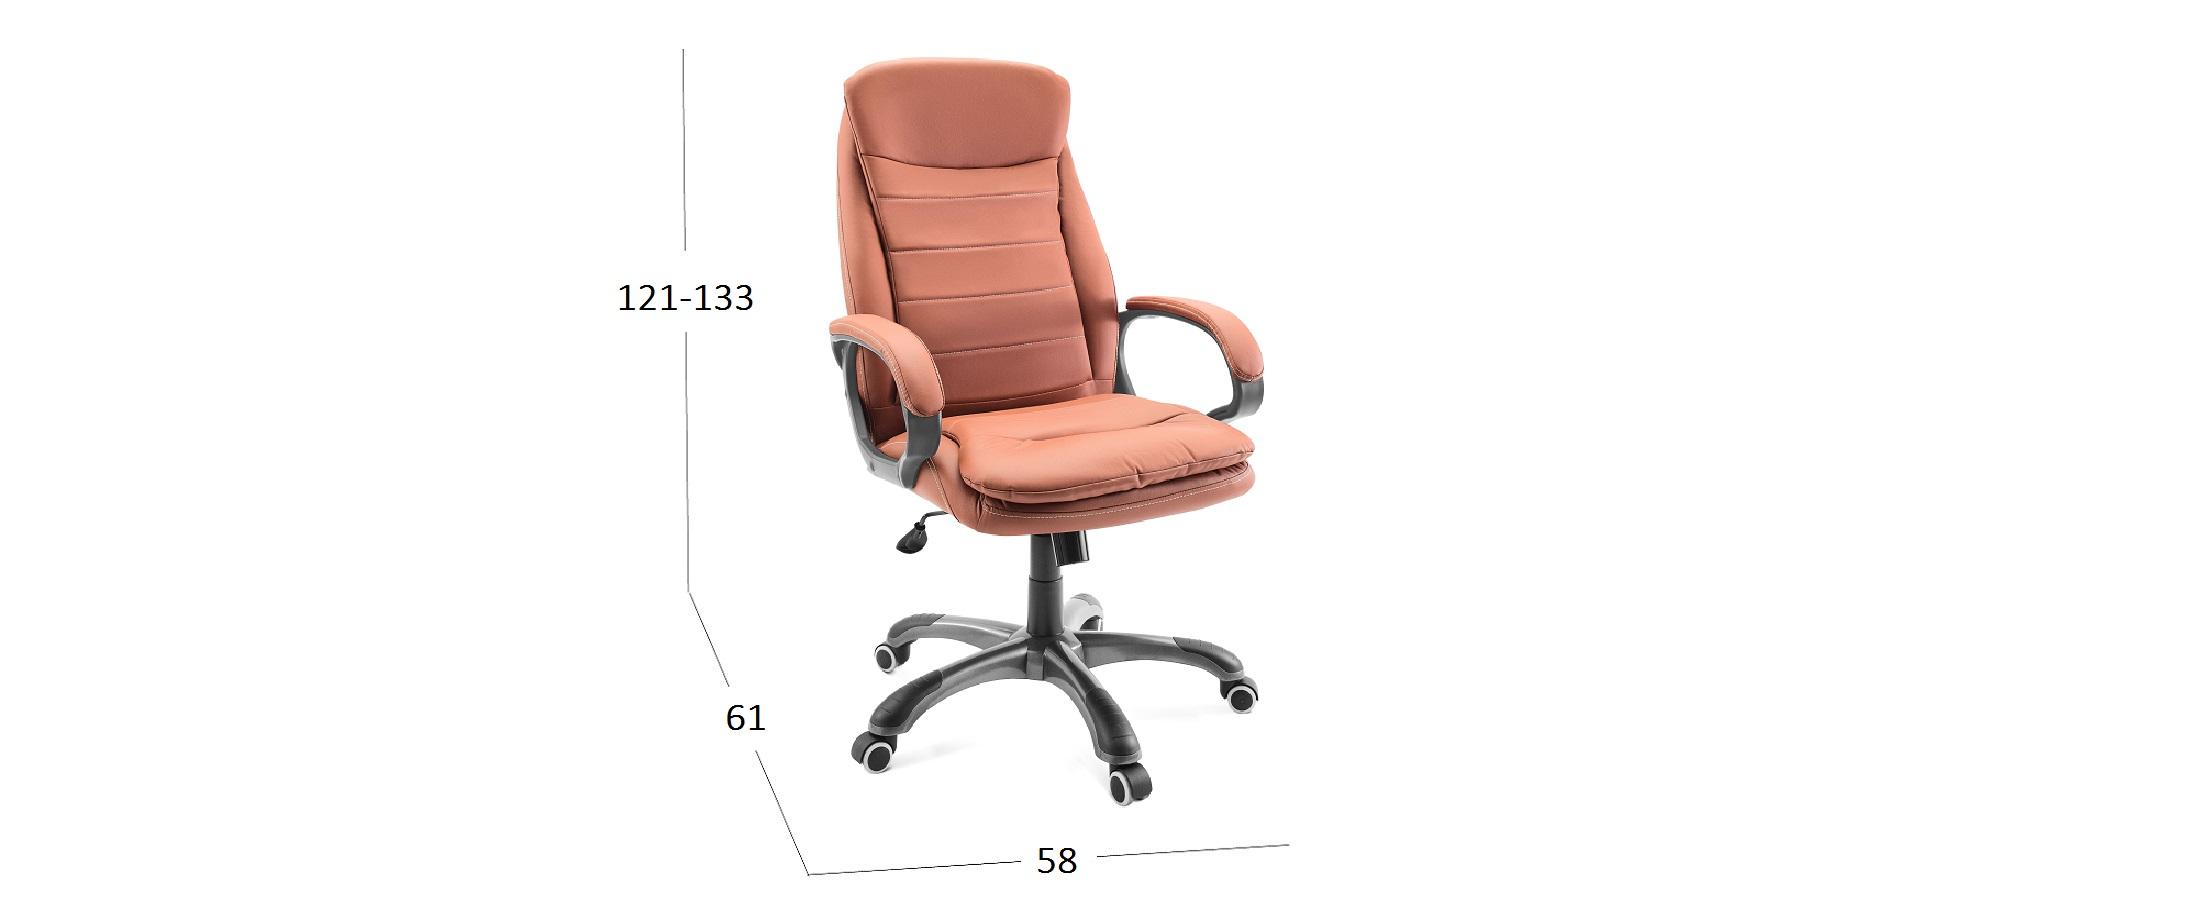 Кресло CL46 Модель 376Кресло офисное СL46 кирпичный Модель 376. Артикул Д001094